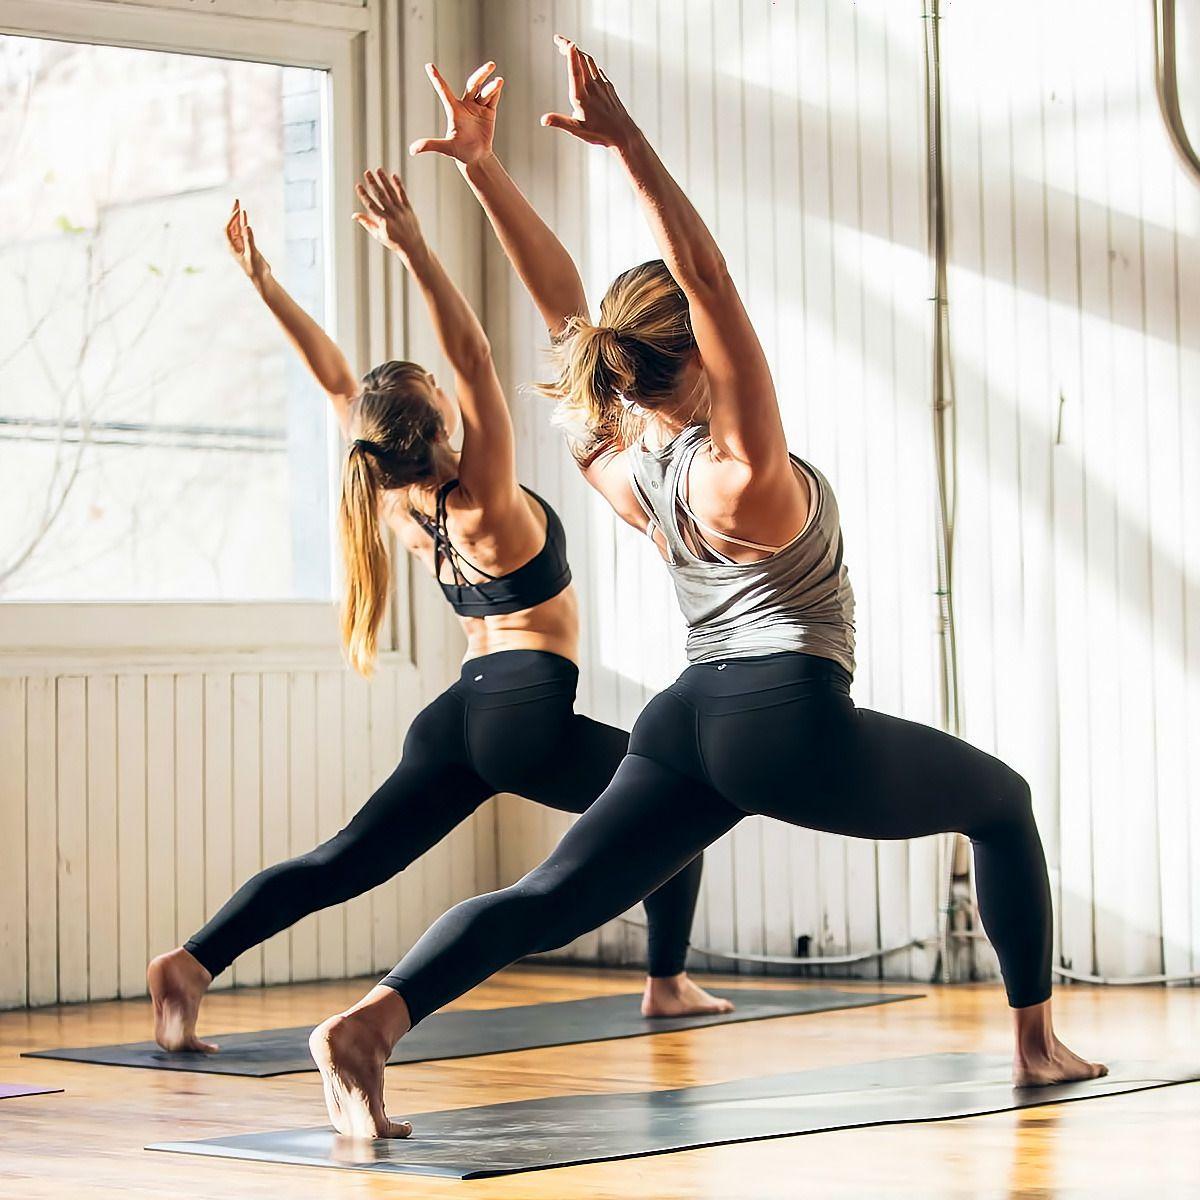 Rester à la maison ne signifie pas que l'on doit arrêter de bouger ! En effet, l'activité physique est indispensable pour rester en forme et bonne santé. C'est aussi un moment de détente qui permet de s'échapper du quotidien. Découvrez comment vous mettre facilement au sport à la maison, avec nos 5 astuces.